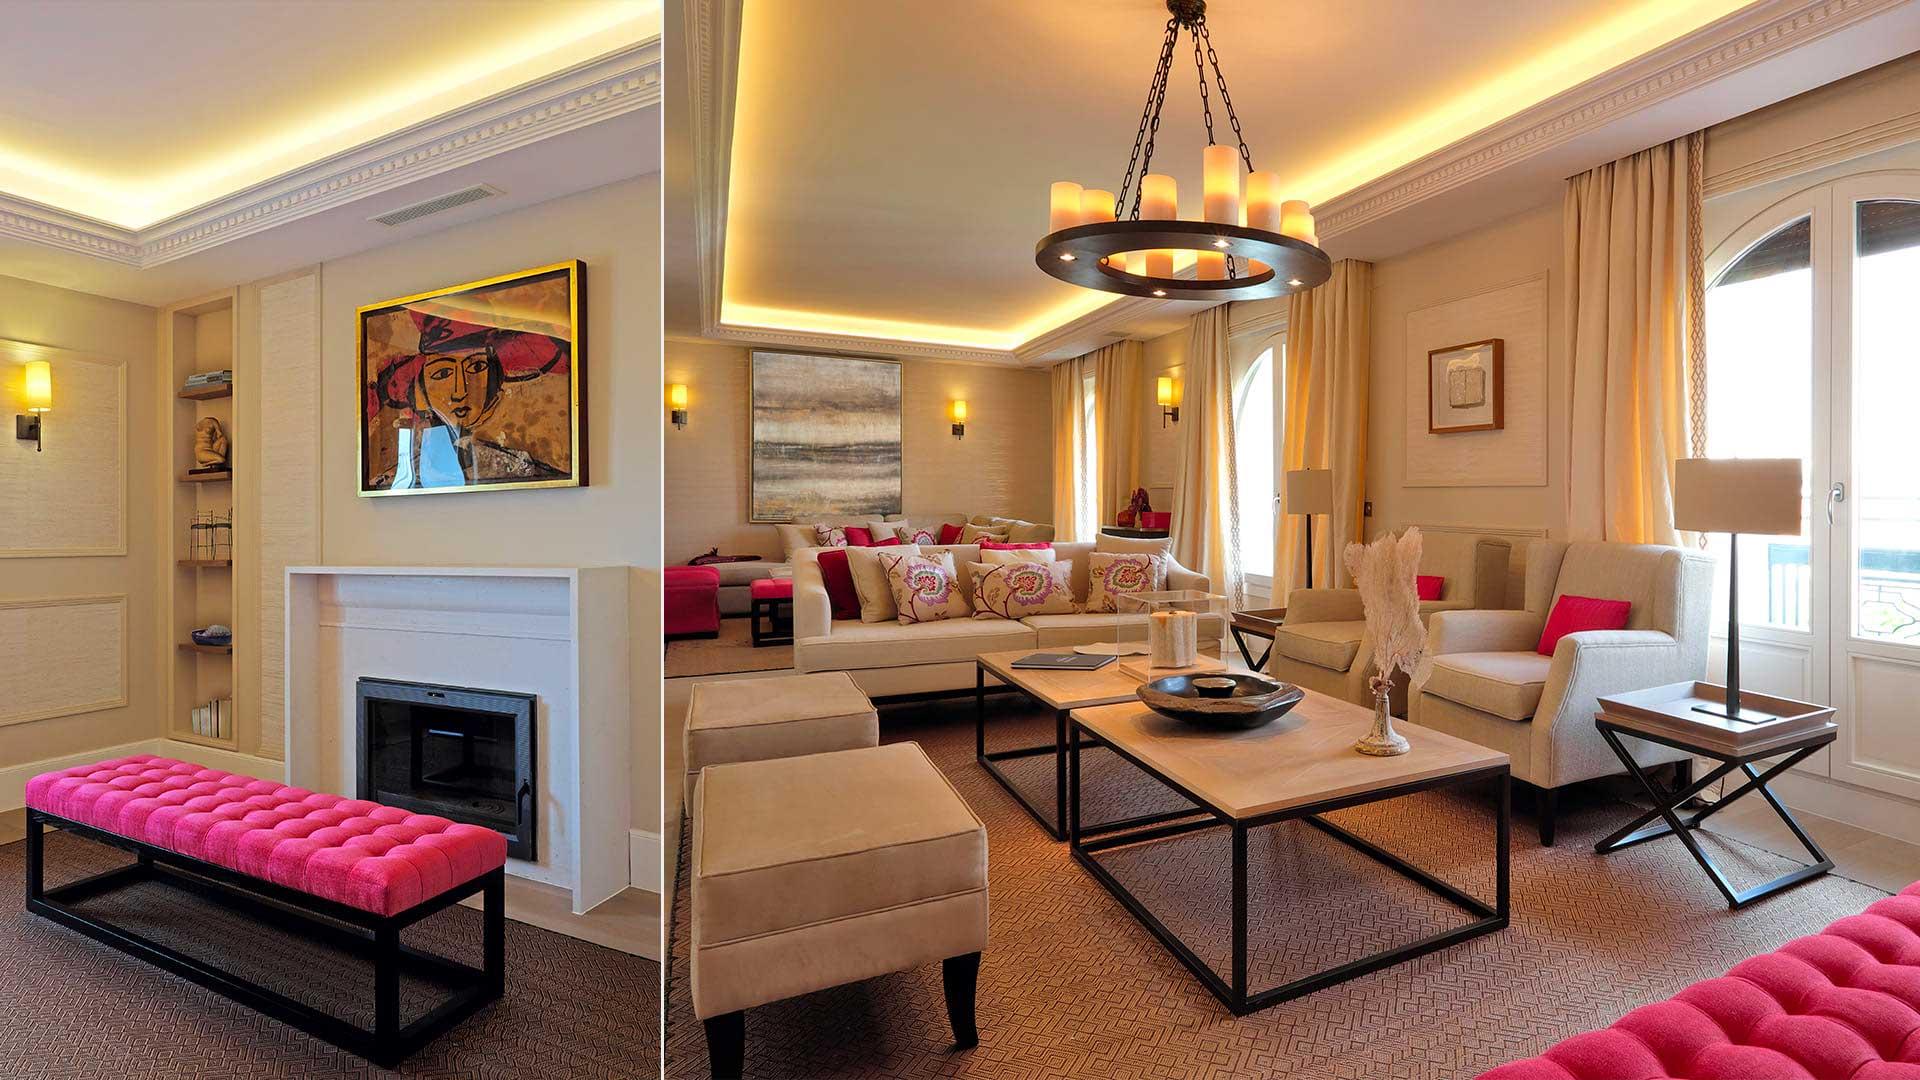 MADRID-FAMILY-APARTMENT-04-Dome-interior-design-Geneve-Suisse